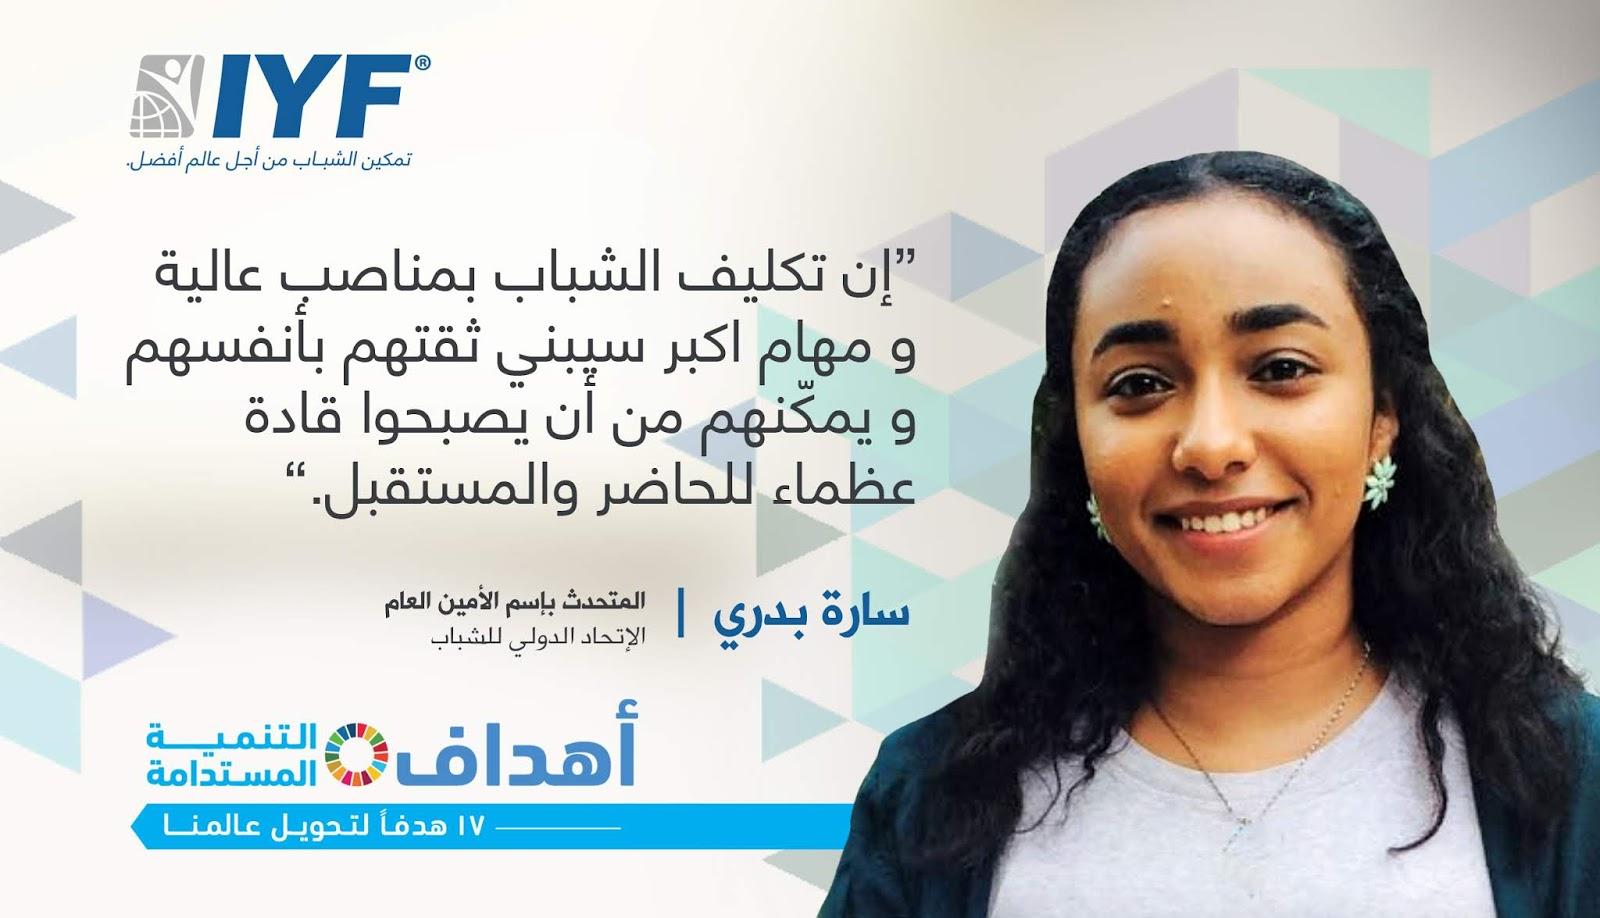 سارة بدري، المتحدث الرسمي بإسم الإتحاد الدولي للشباب